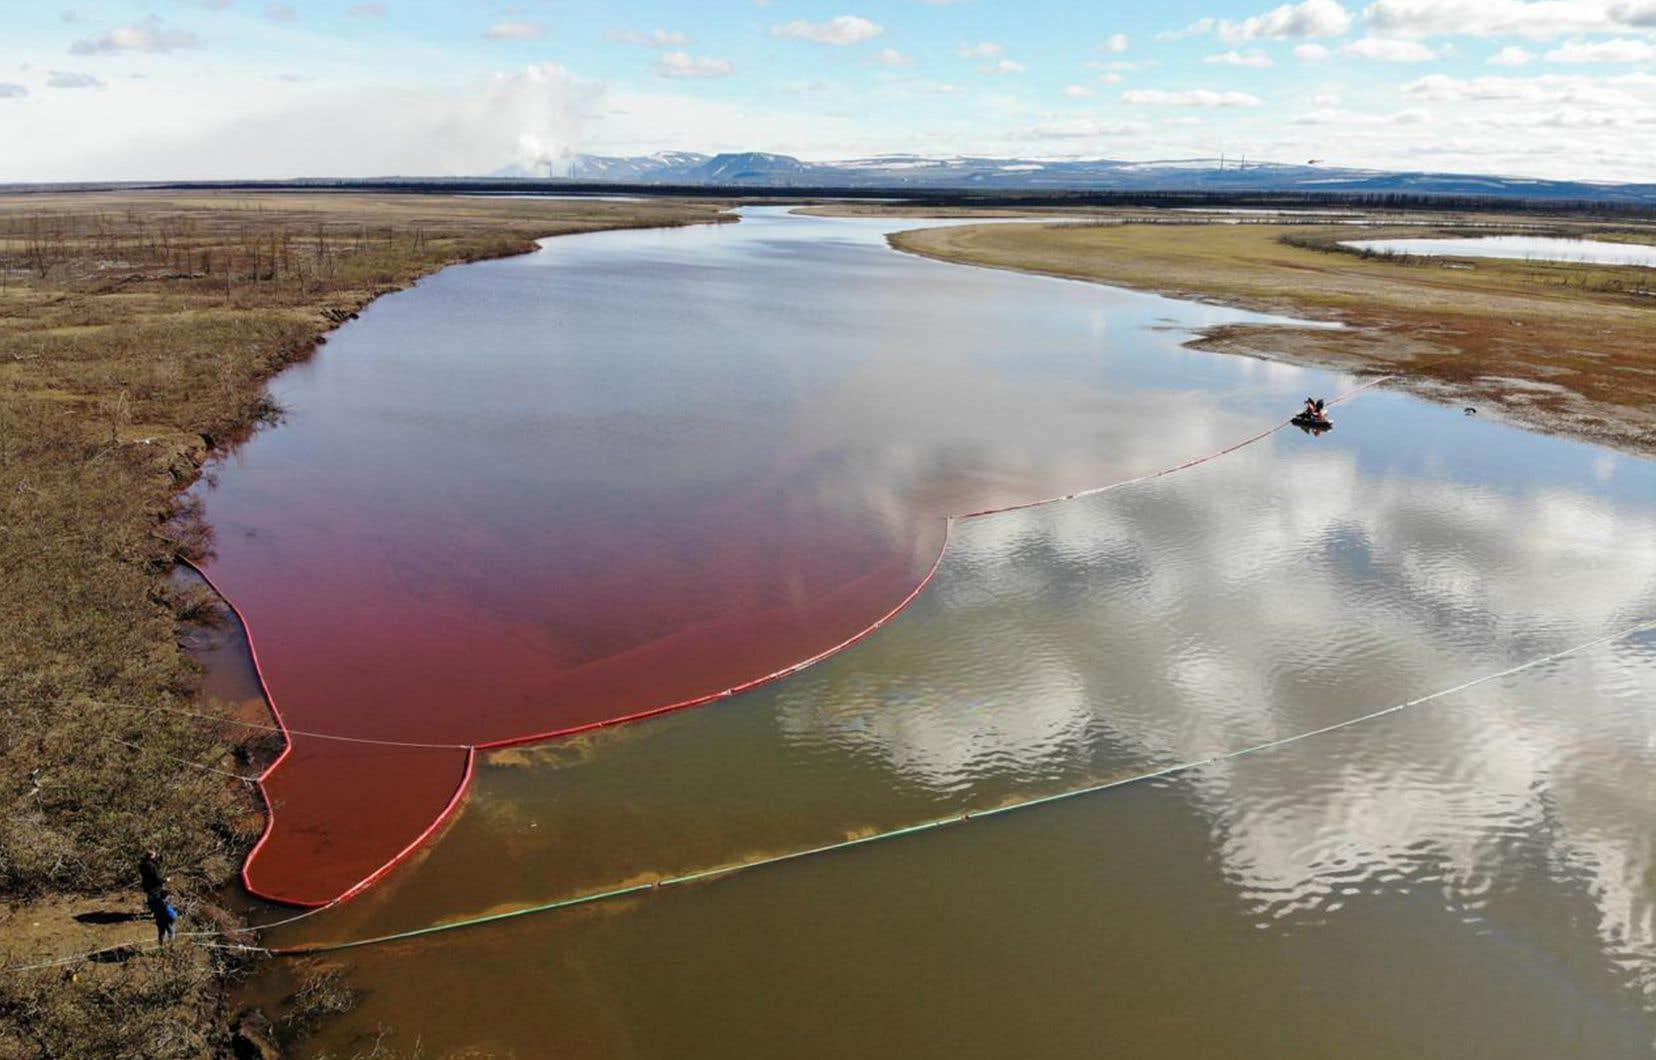 La rivière Ambarnaïa, touchée par la pollution, sera difficile à nettoyer car elle se trouve loin des routes.